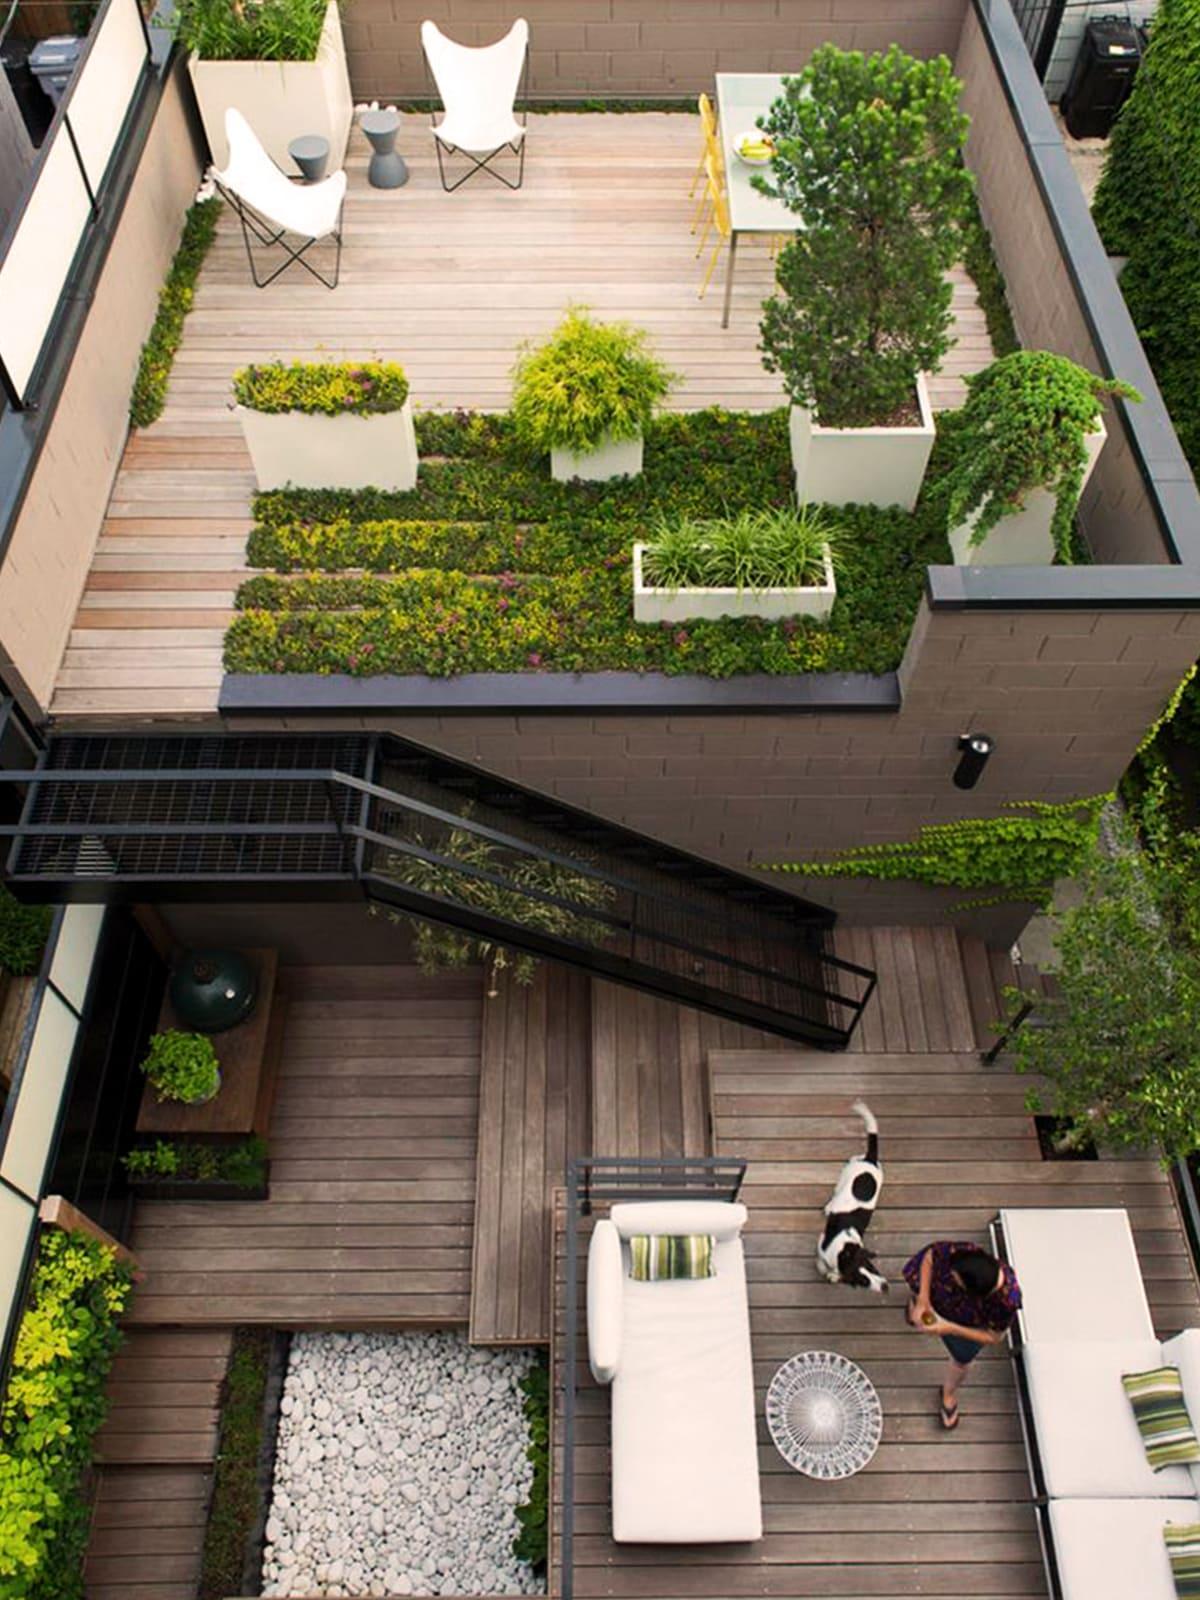 blog-vegetacion-decoracion-terrazas-balcones-22_HIDROJARDIN-Bañeres